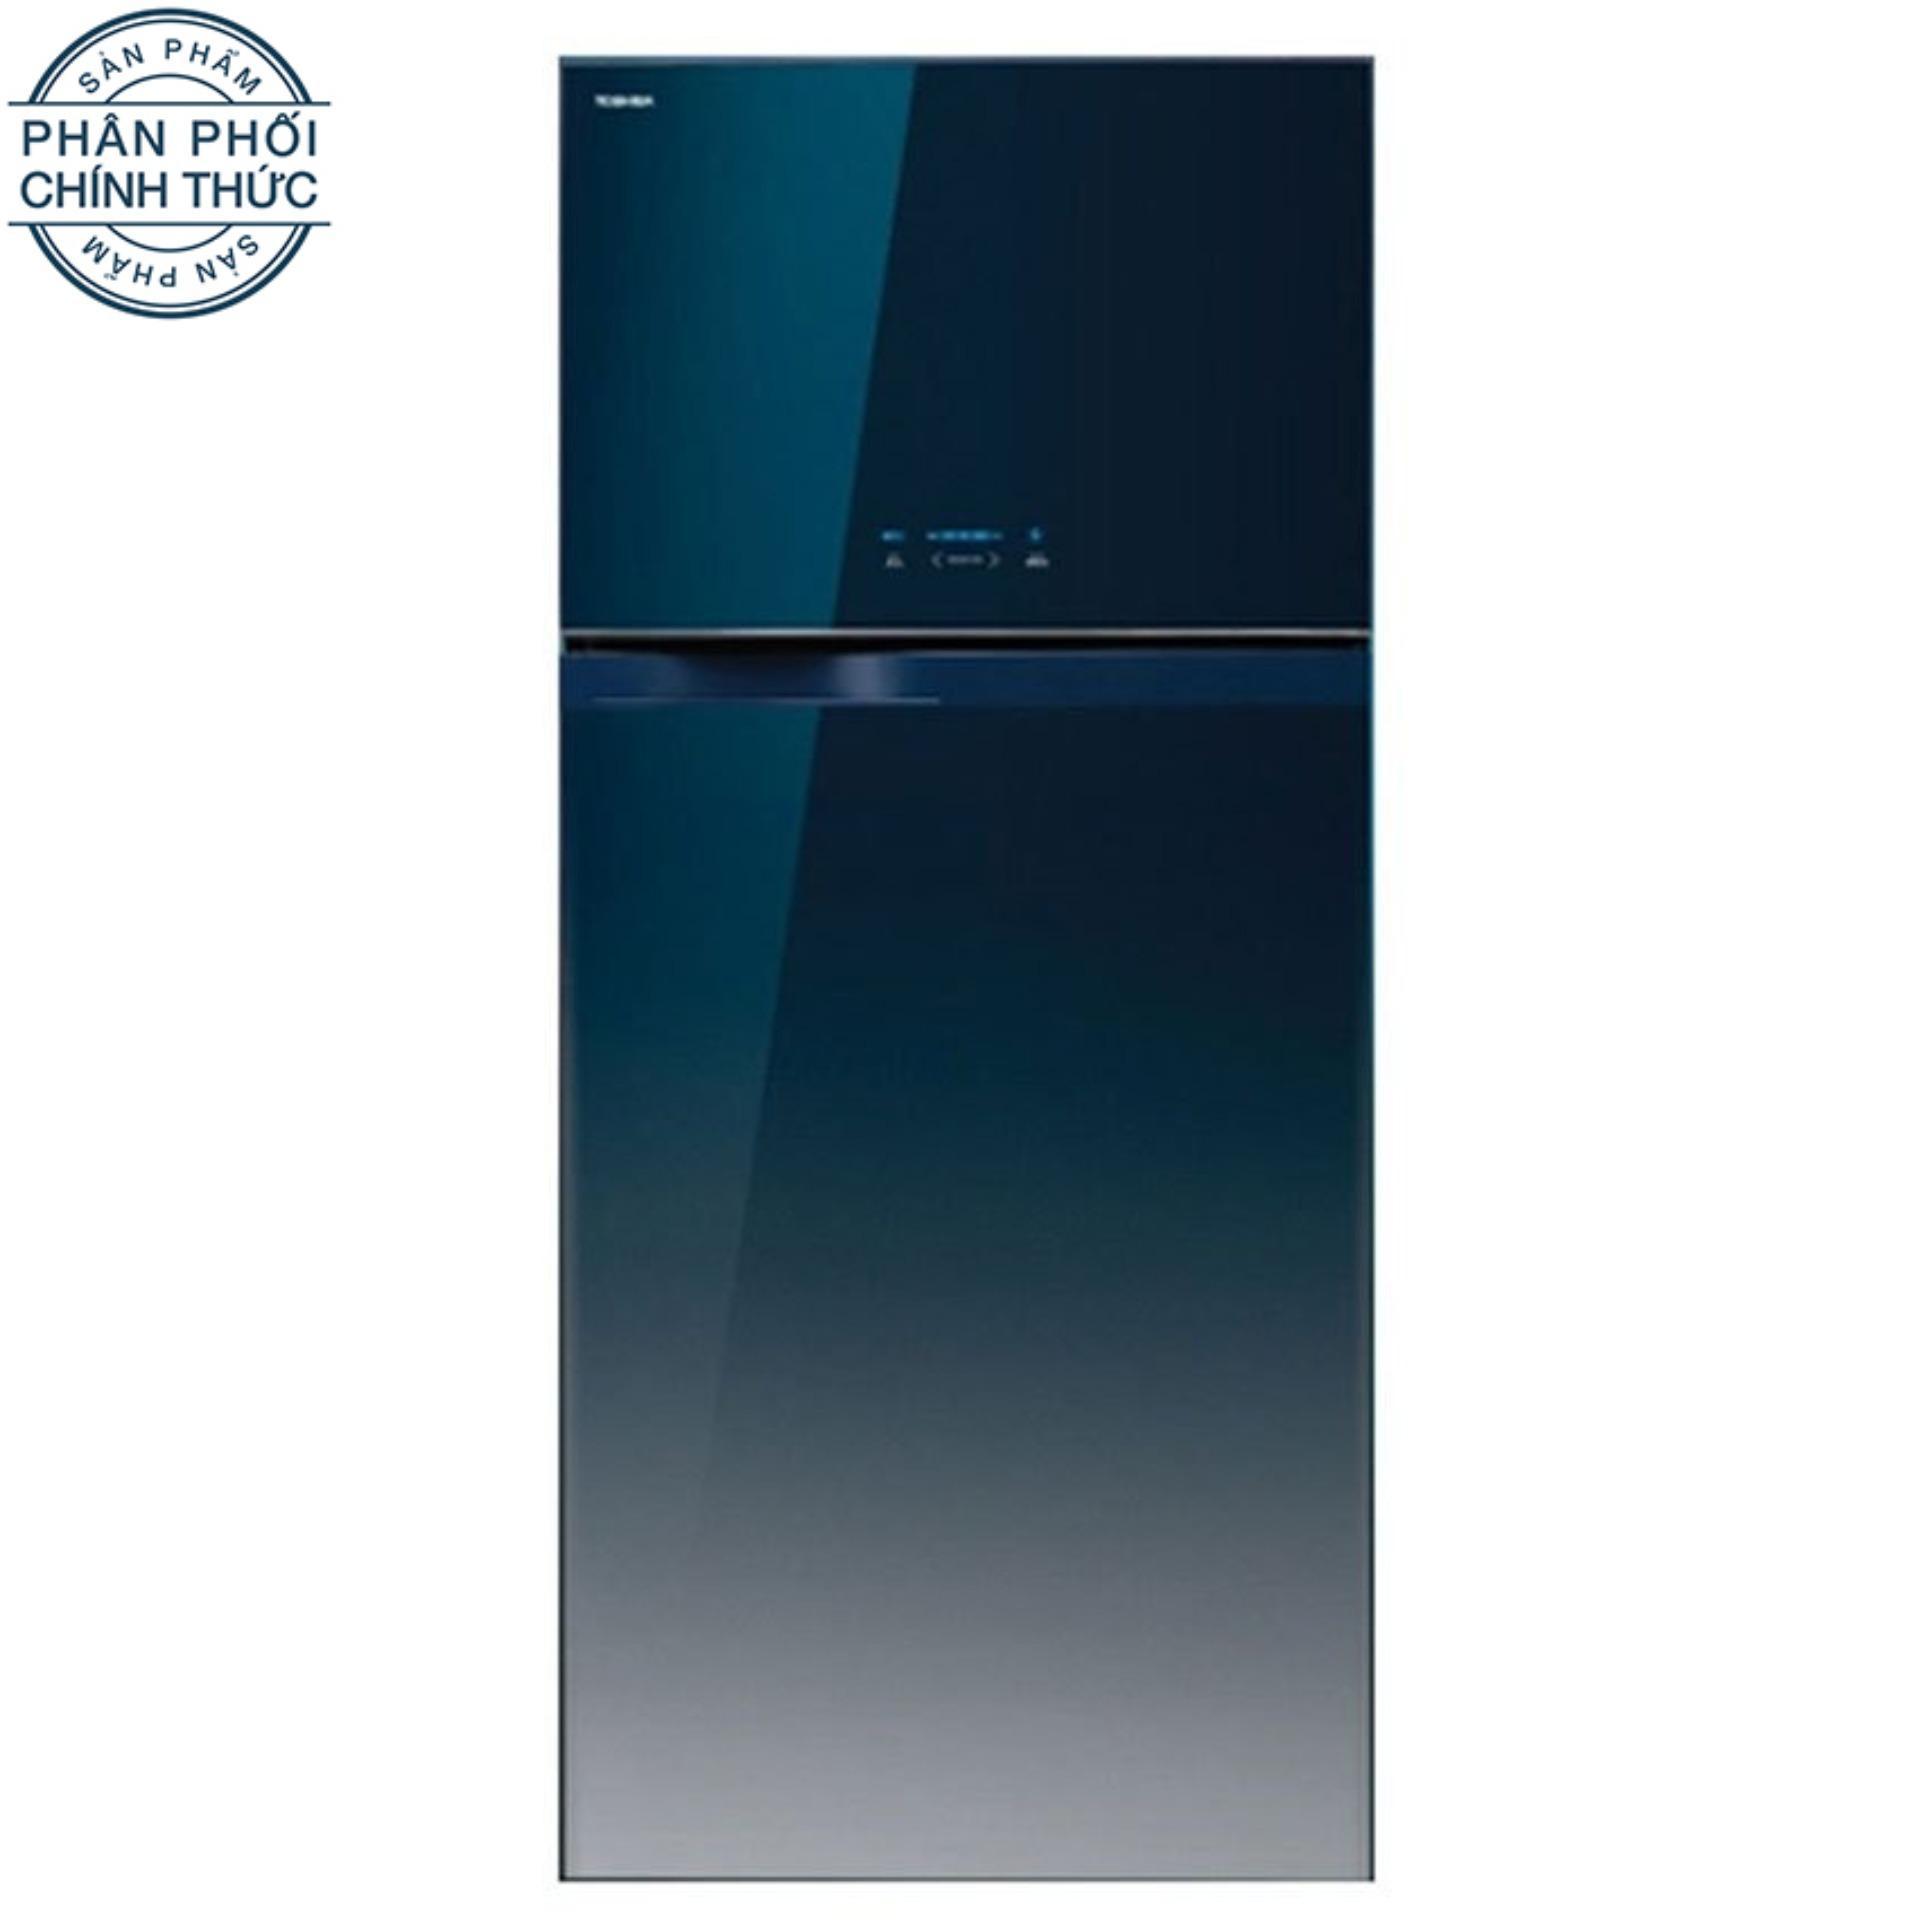 Giá Bán Tủ Lạnh Toshiba Gr Wg66Vdaz Gg 600 Lit Xanh Toshiba Trực Tuyến